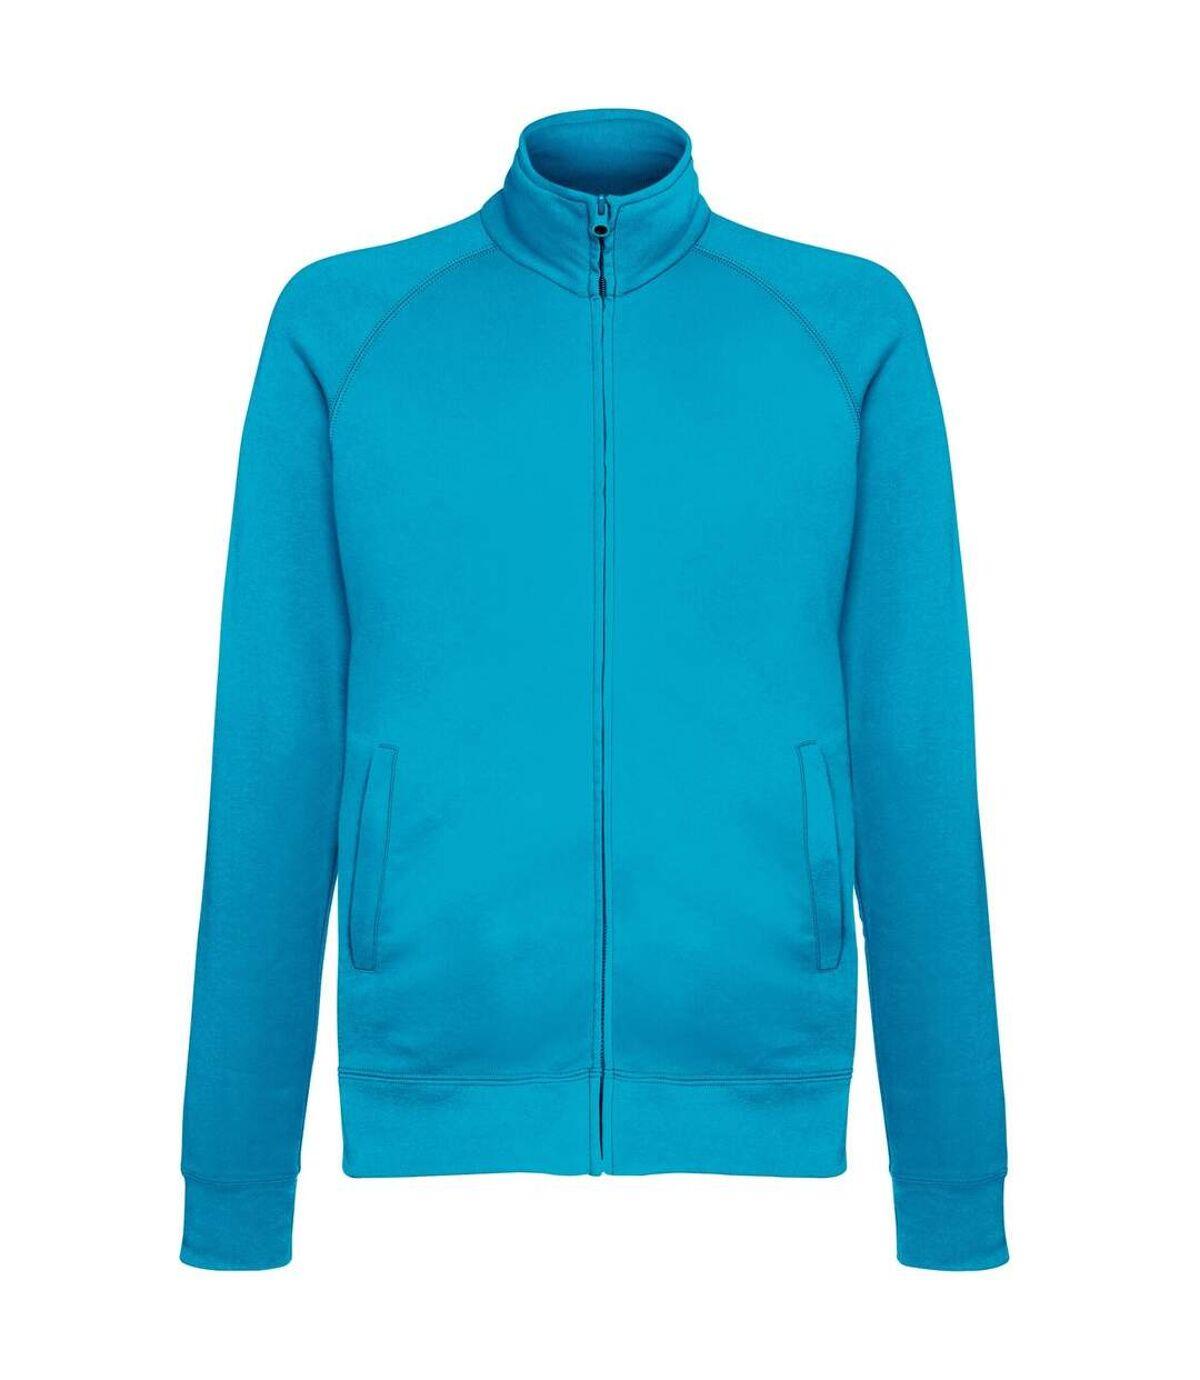 Fruit Of The Loom Mens Lightweight Full Zip Sweatshirt Jacket (Azure Blue) - UTRW4500